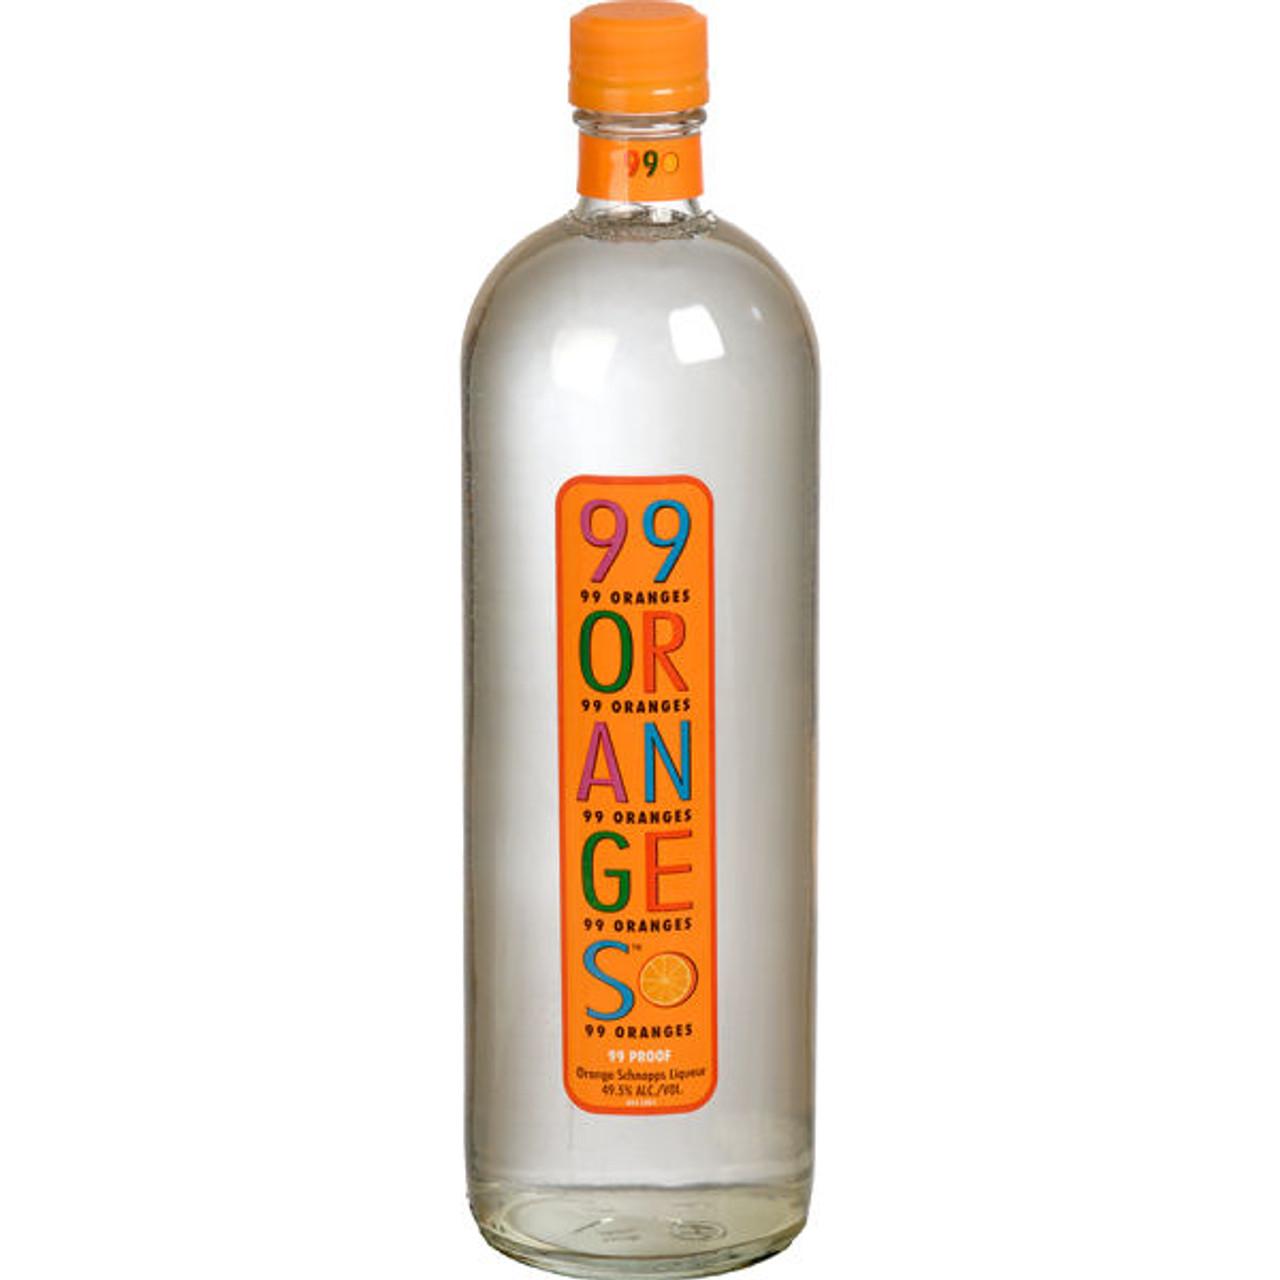 99 Orange Schnapps Liqueur 630421529515166c2